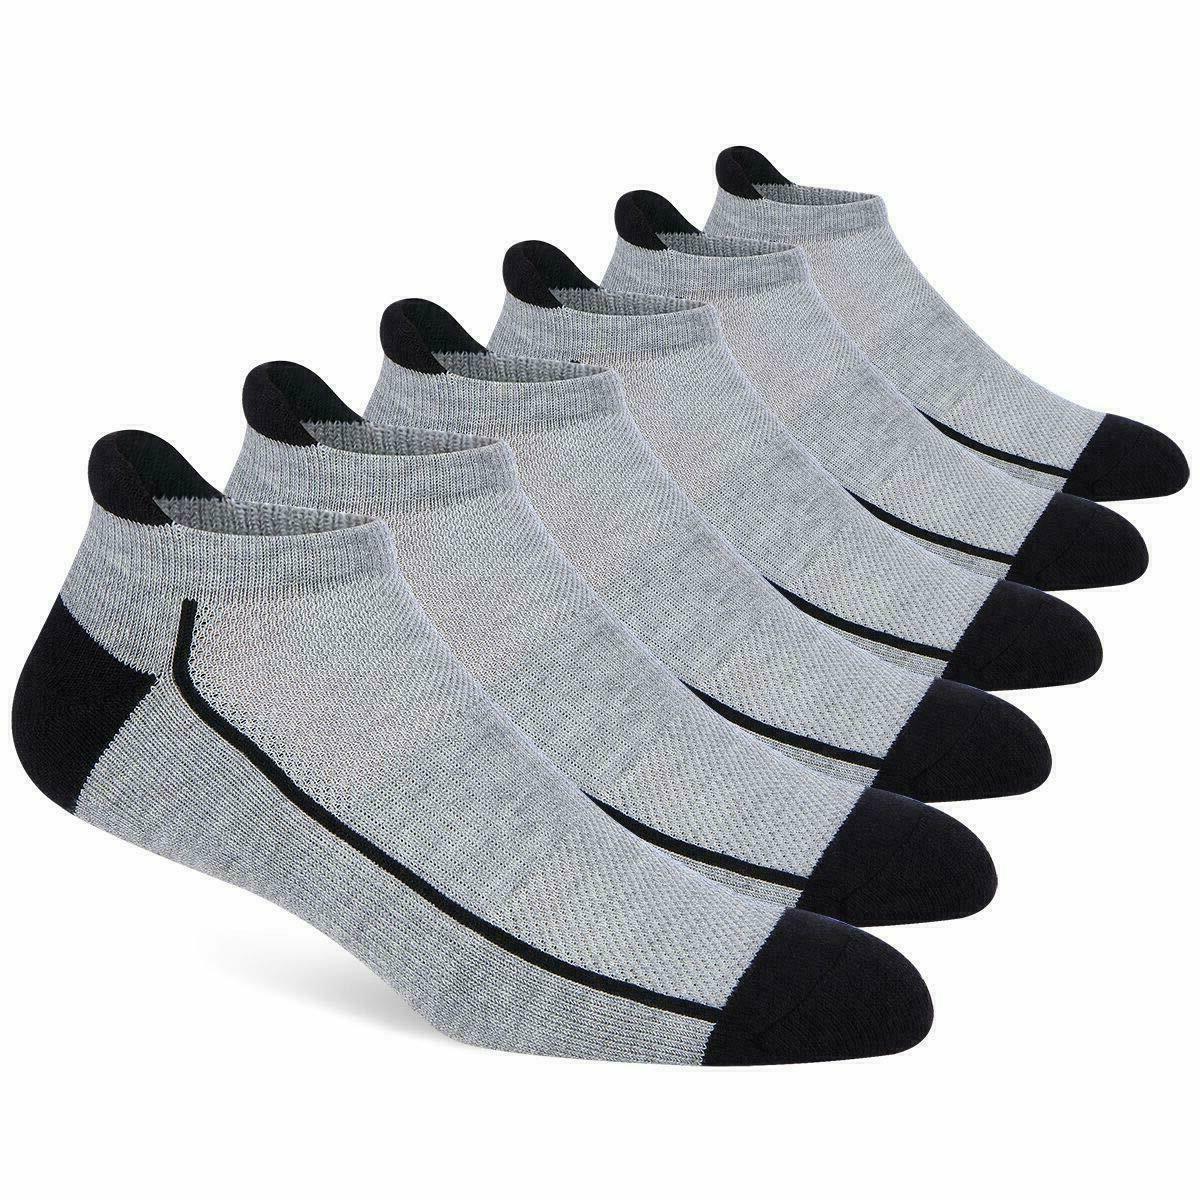 6 Pairs Low Socks Mesh Running